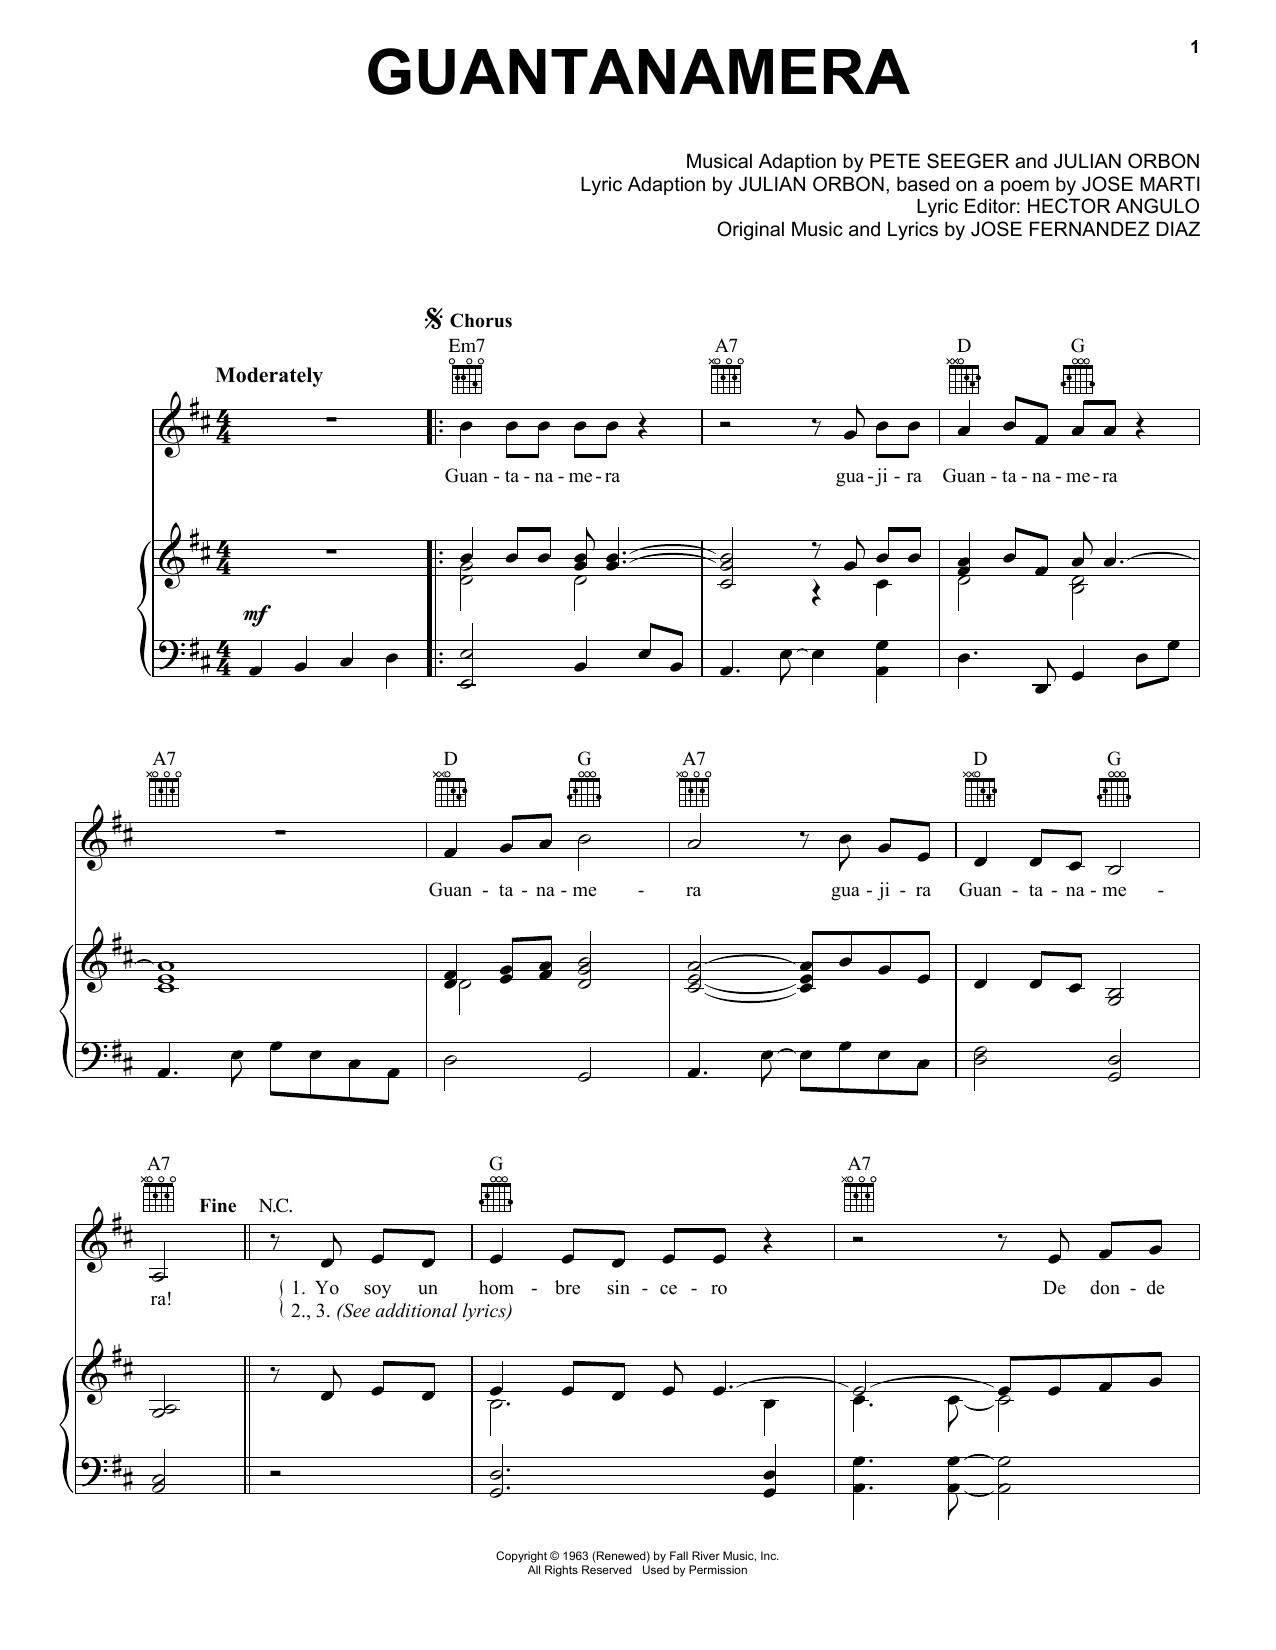 Sheet Music Digital Files To Print Licensed Pete Seeger Digital